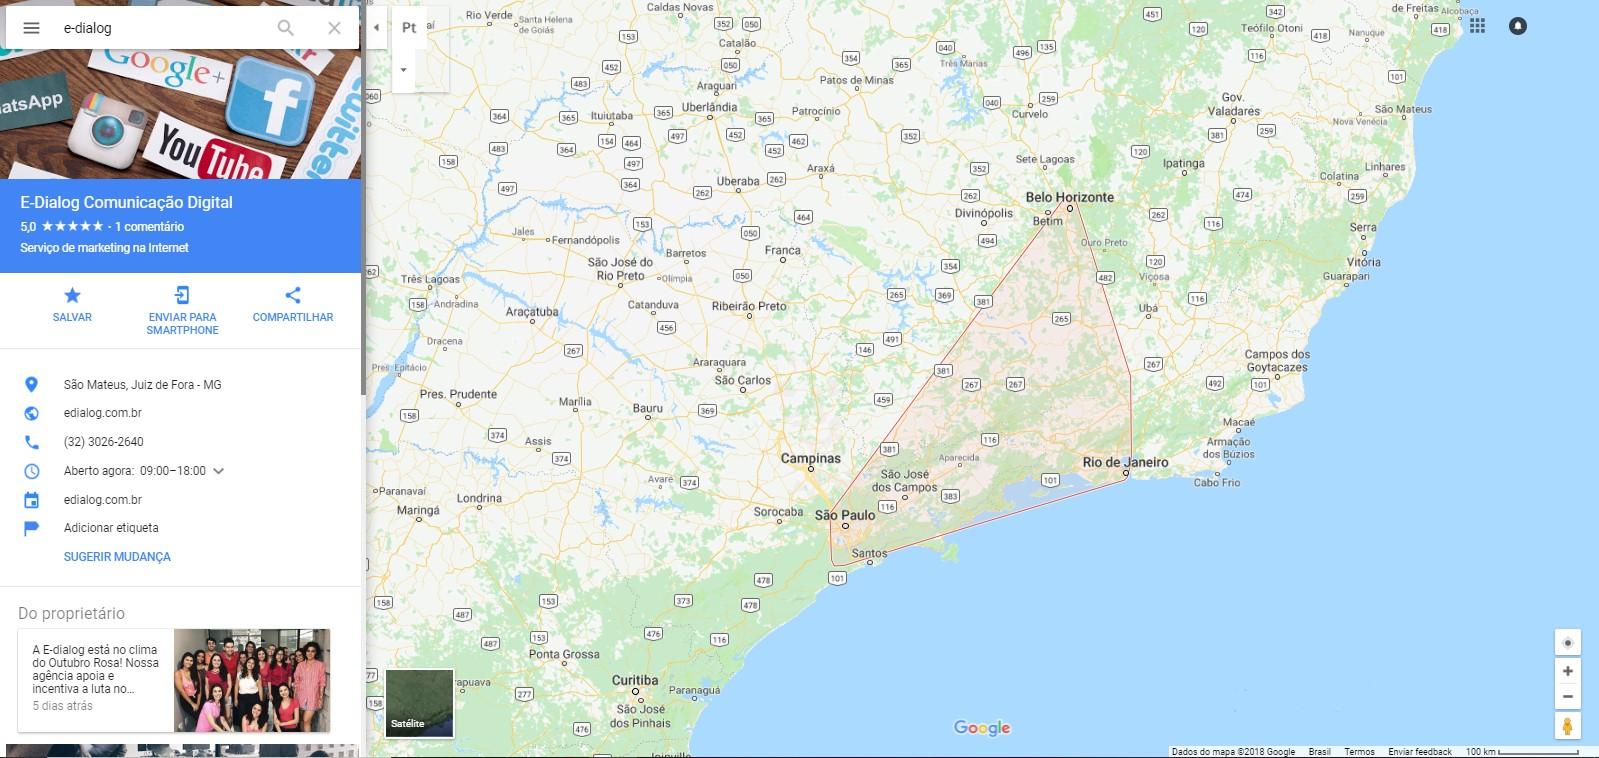 Captura de tela do Google Meu Negócio da E-Dialog no Google Maps